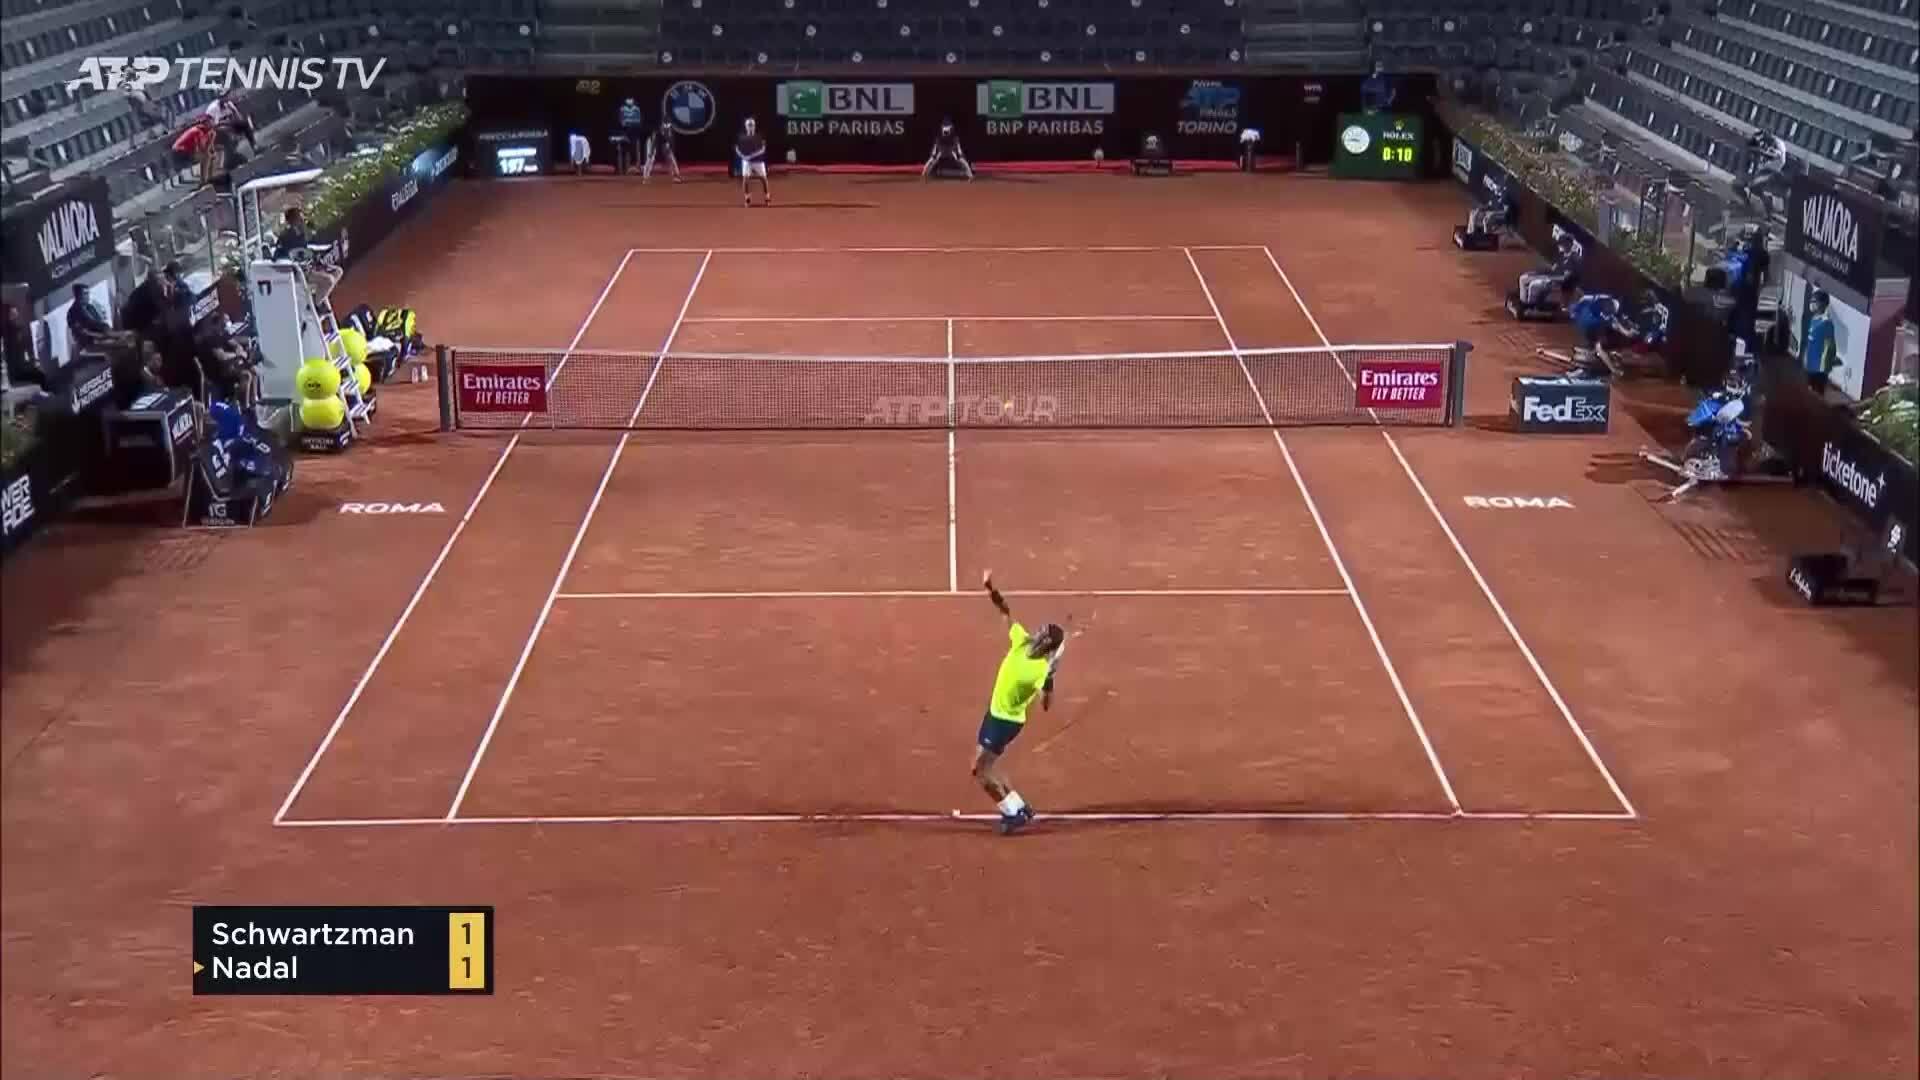 Diego Schwartzman 2-0 Rafael Nadal